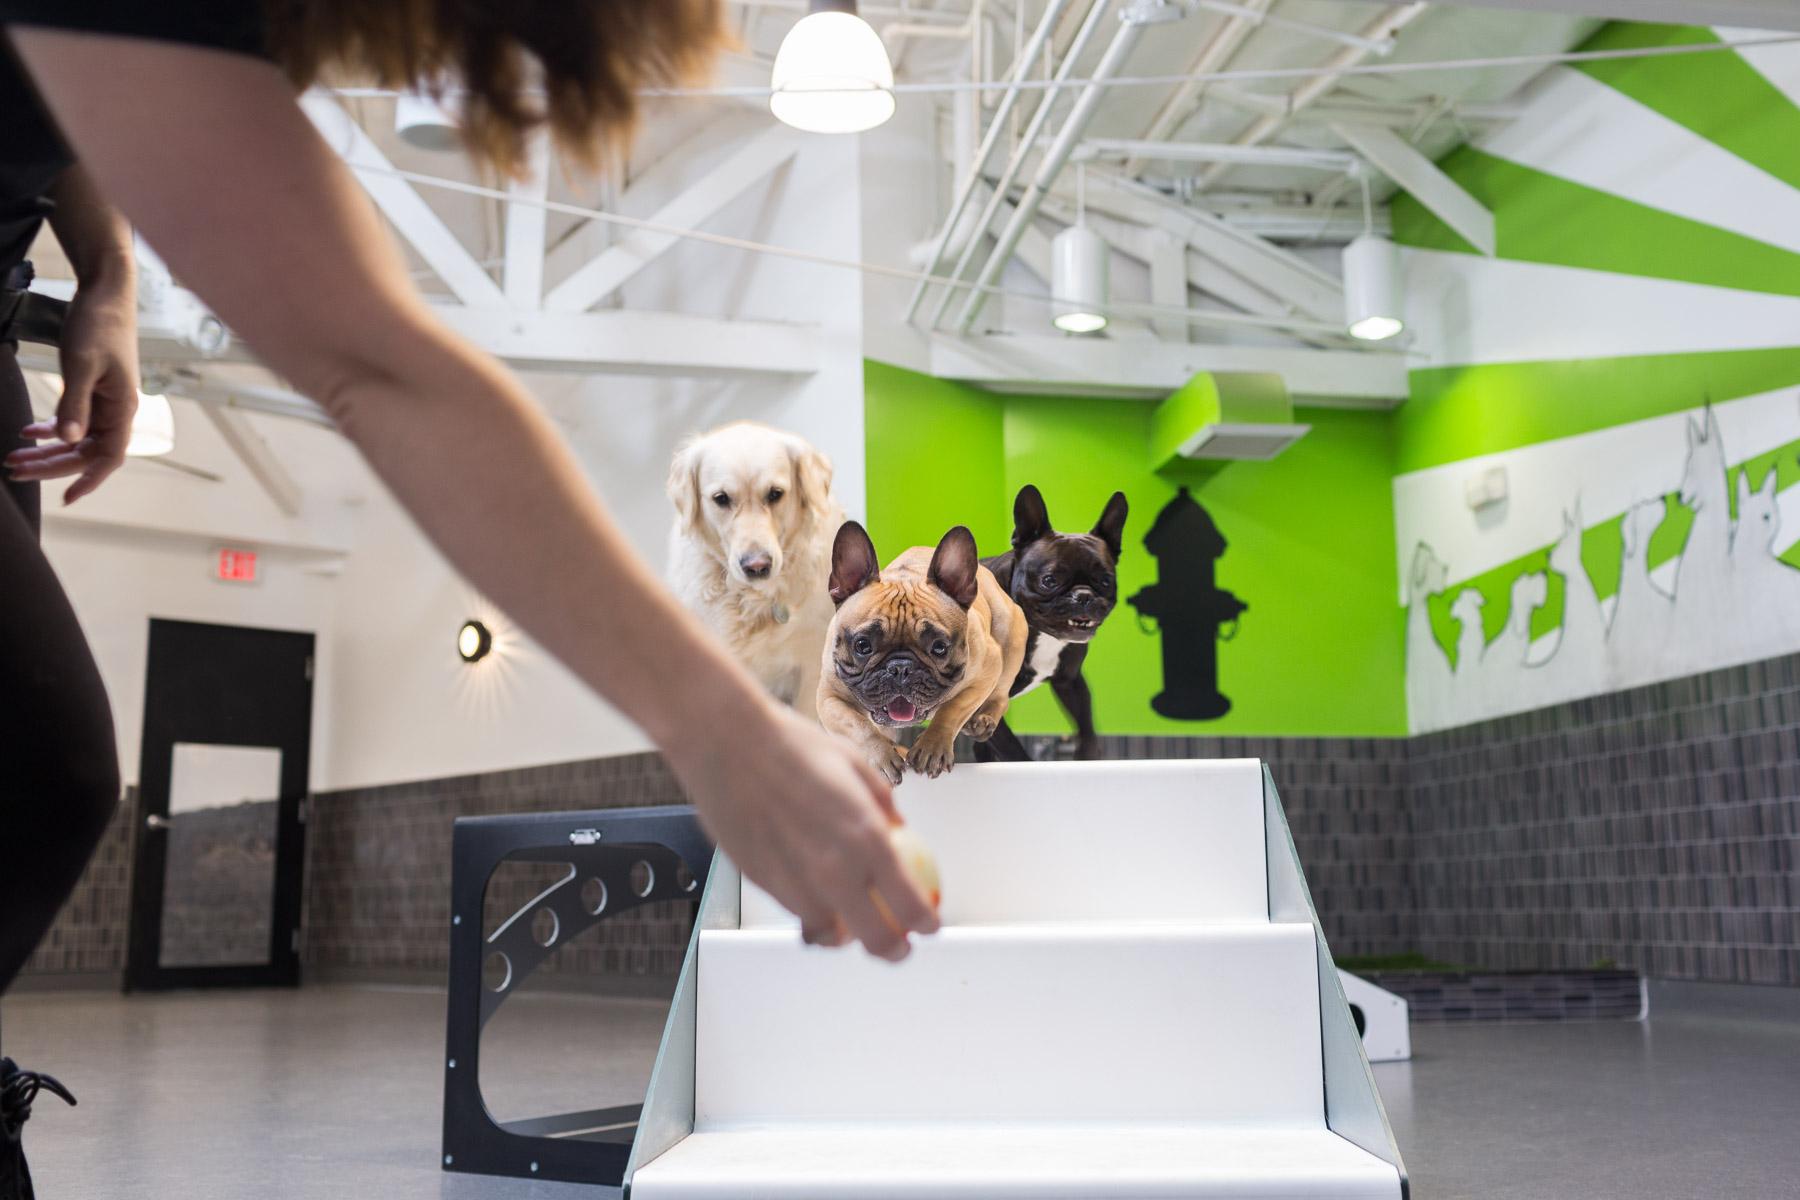 dogs-running-towards-ball-trainning-facility-pussy-pooch.jpg